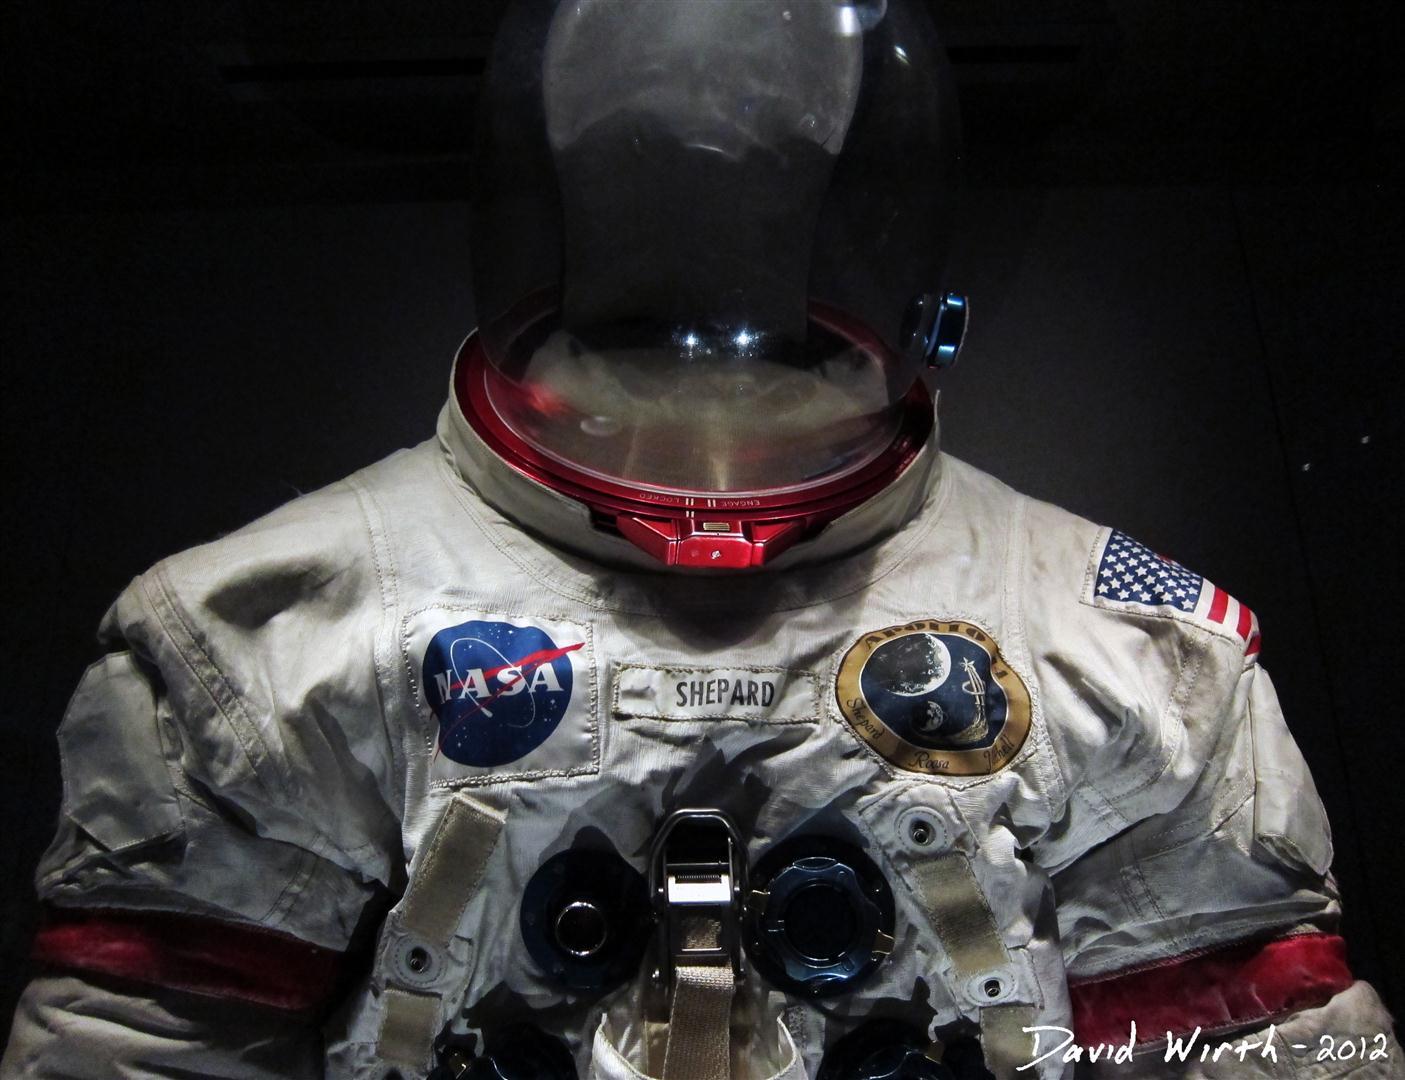 apollo space suit jumper - photo #32